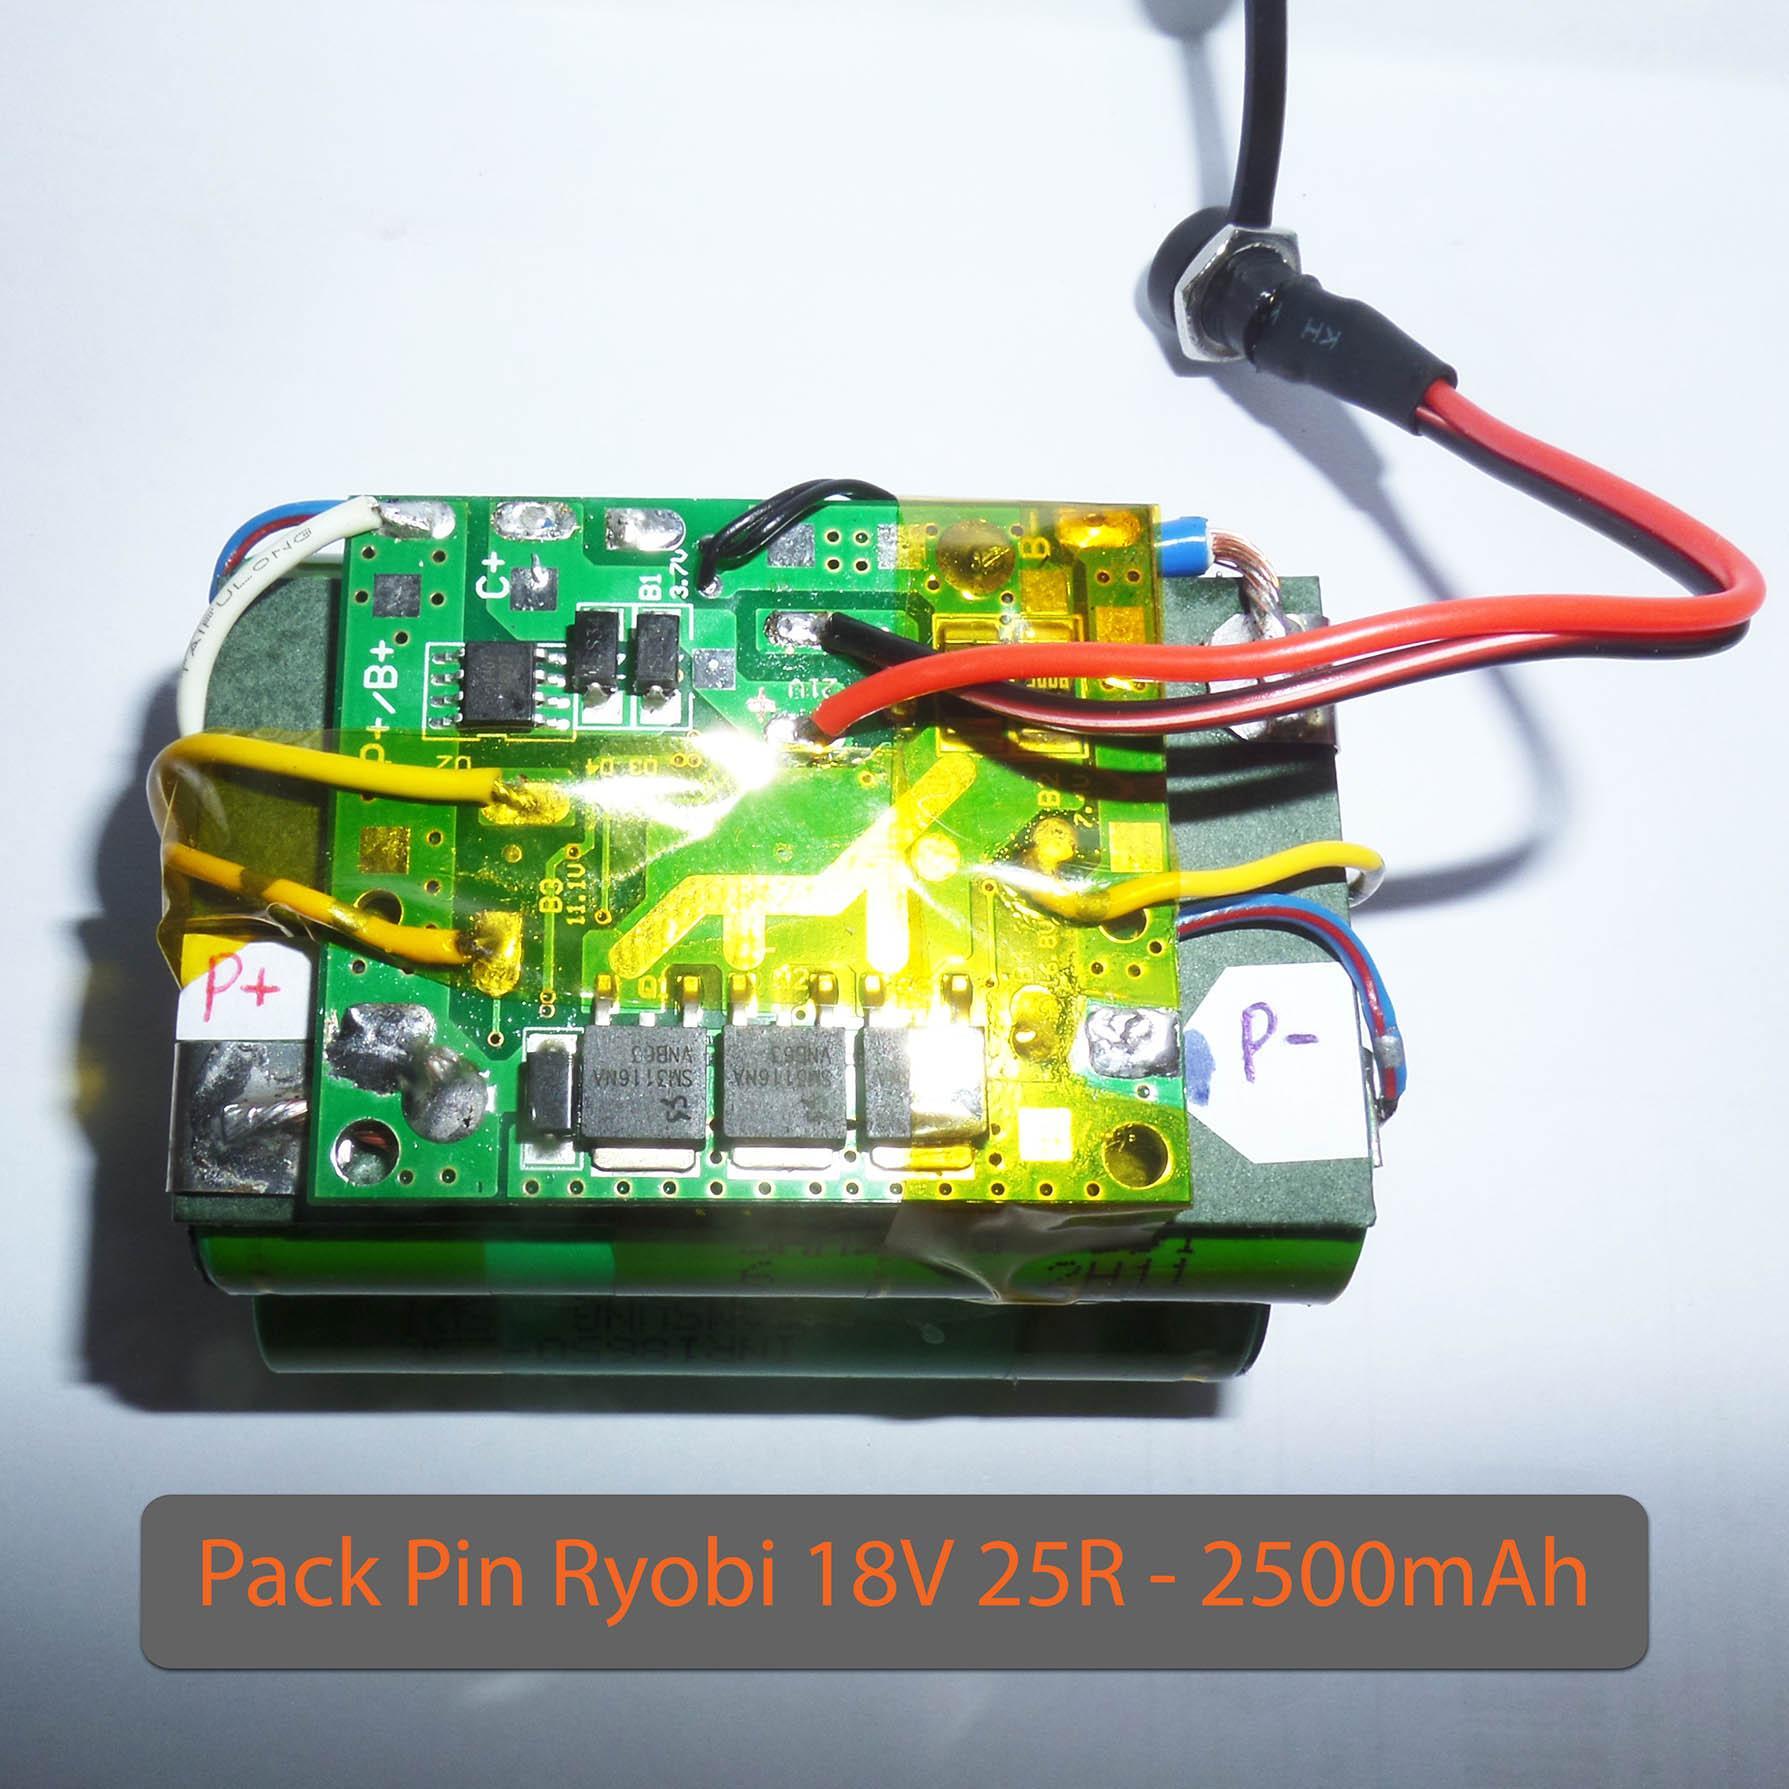 Pack PIN RYOBI 18V Samsung 25R - dung lượng 2.5AH - Dòng xả 20A - Mạch bảo vệ và sạc cân bằng Makita 30A.